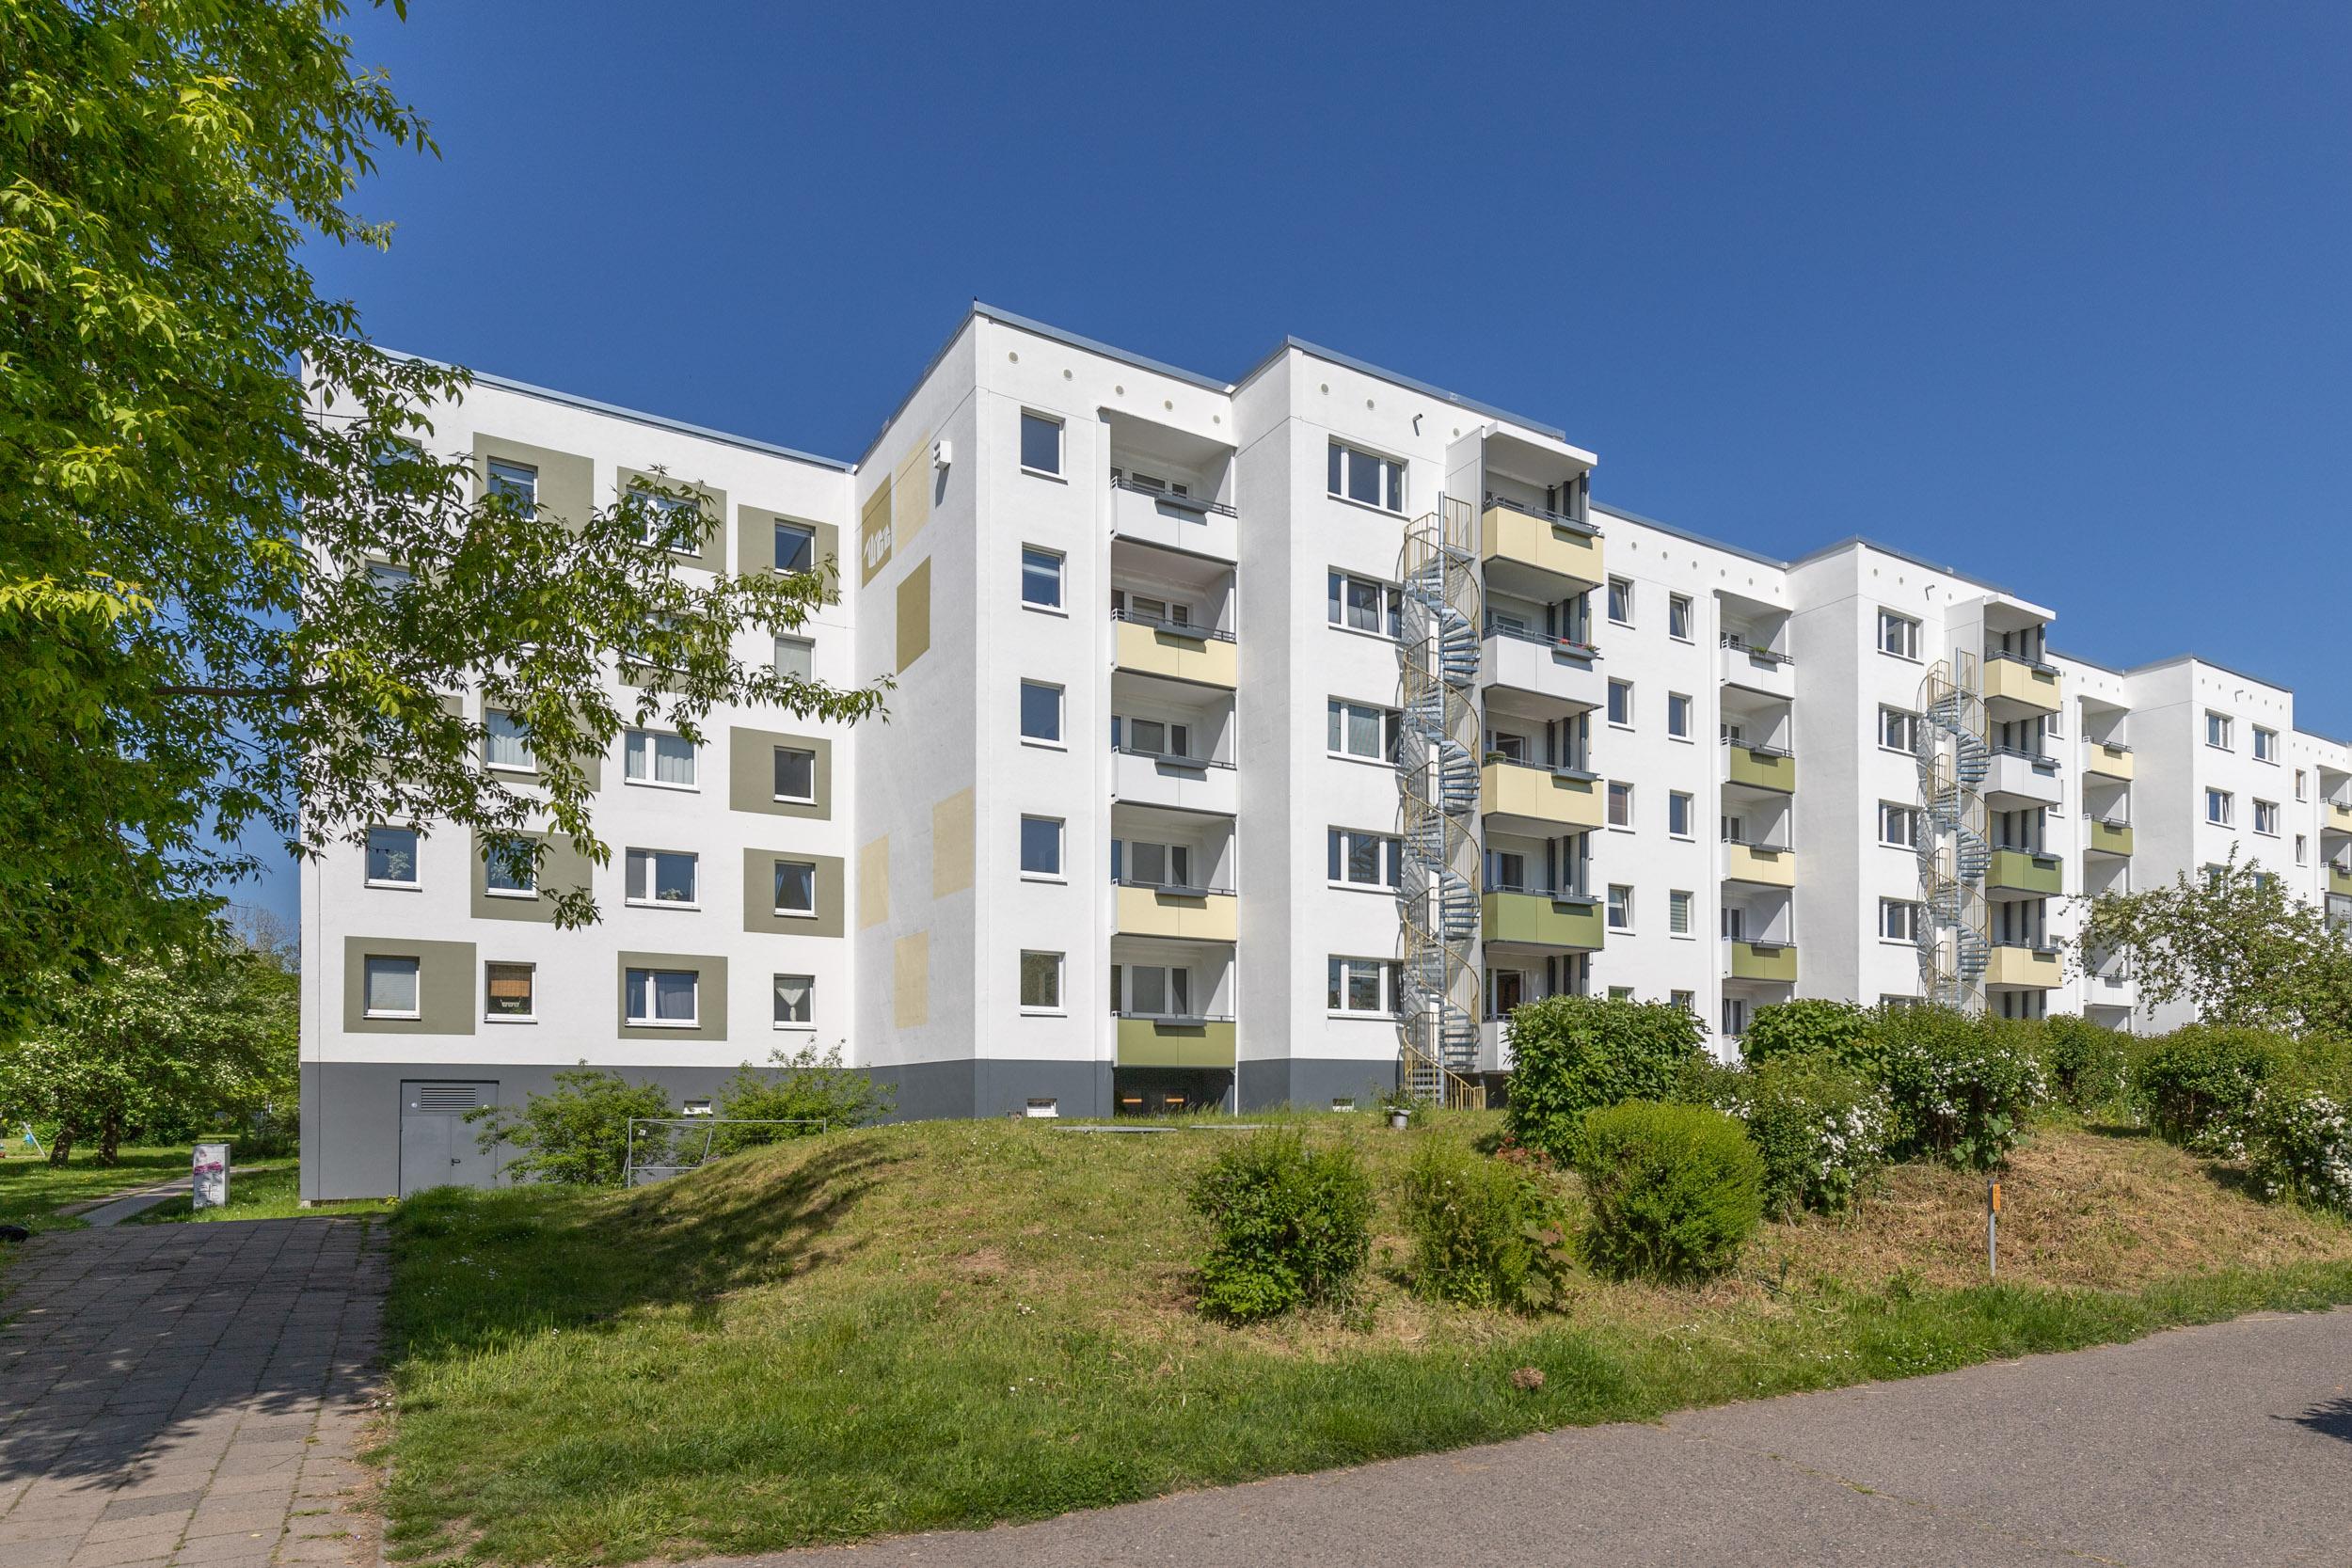 Prokofjewstrasse in Greifswald